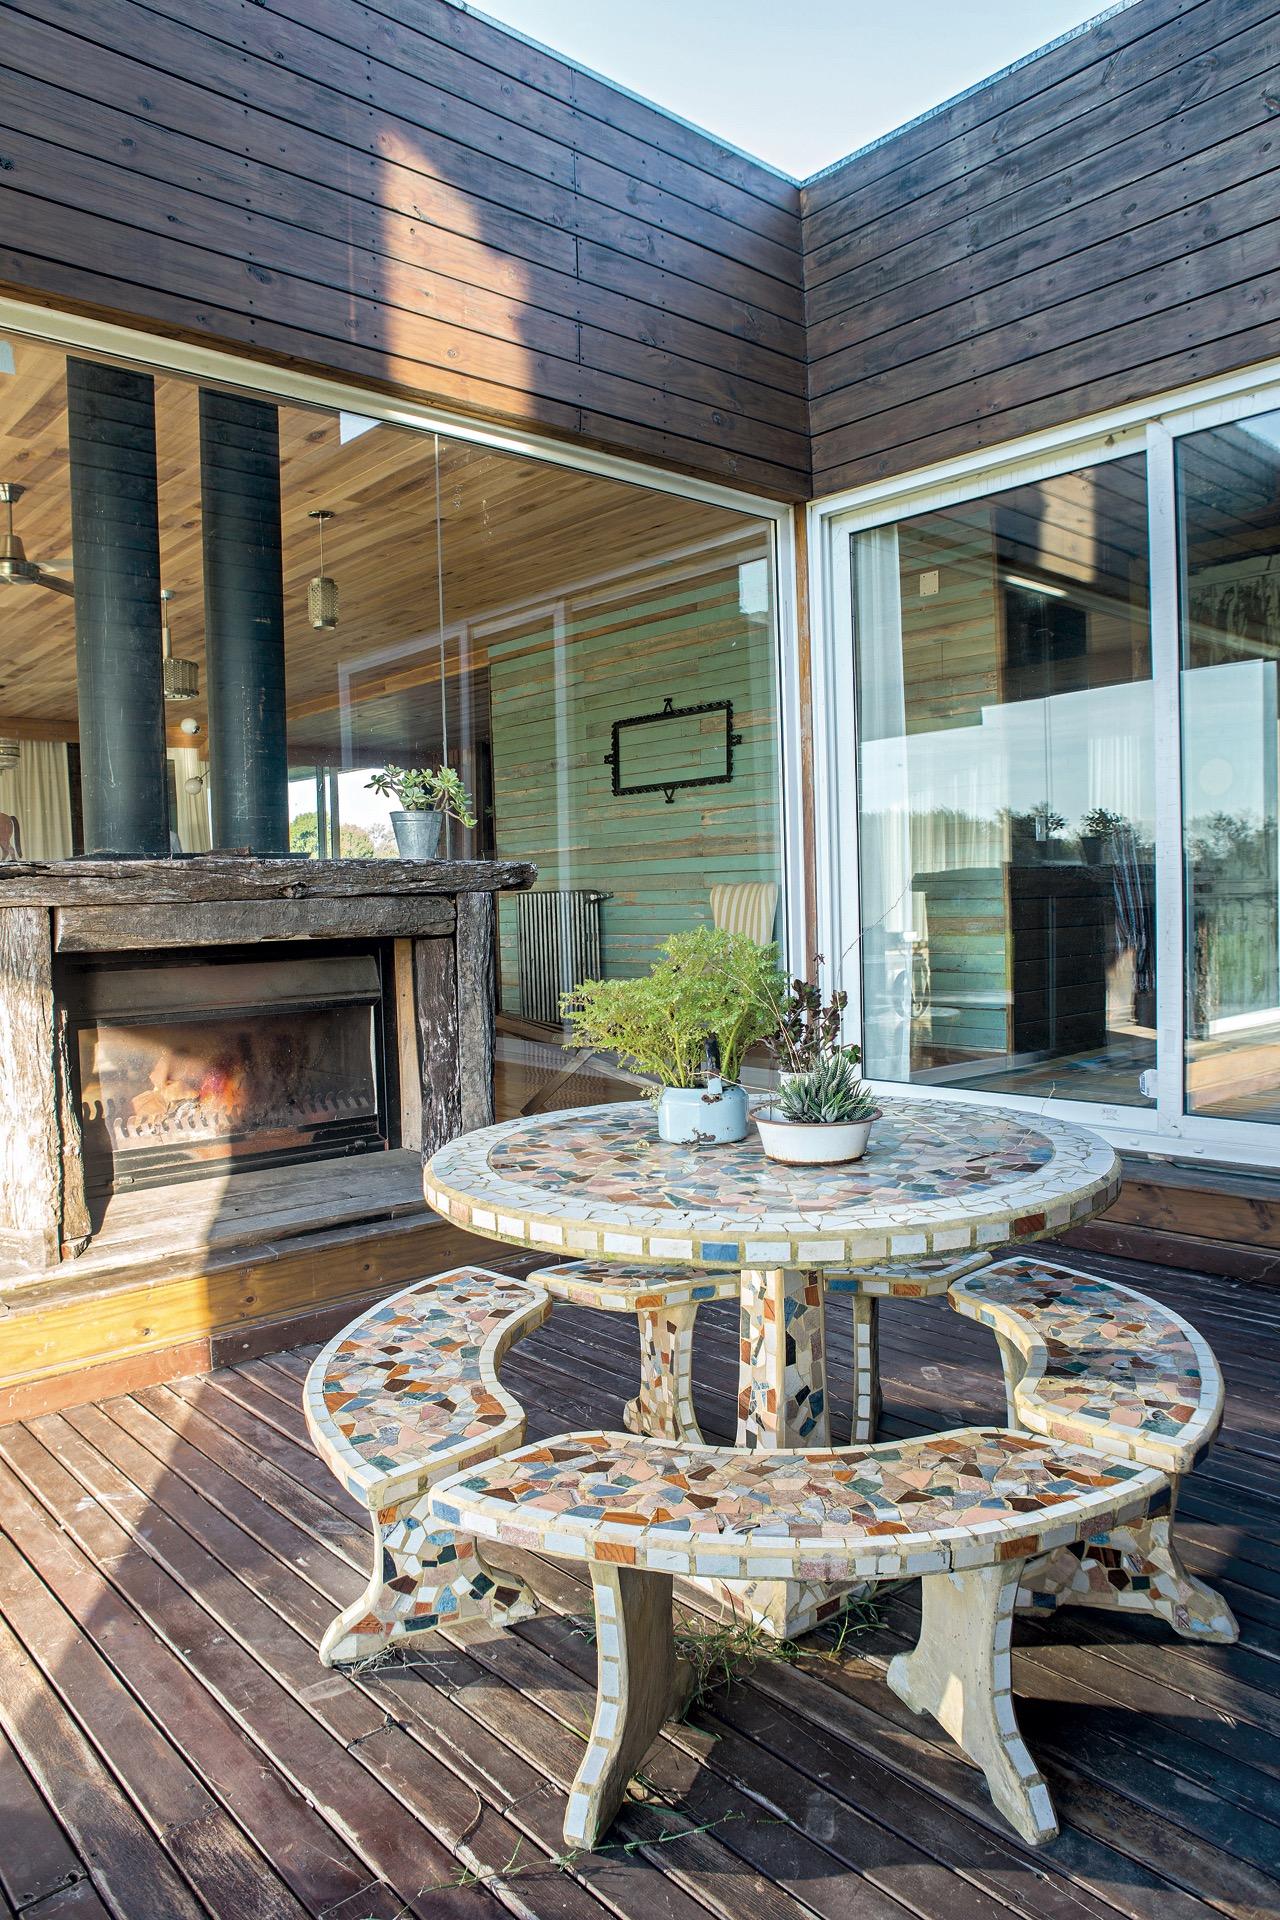 Un juego de mesa y banco de jardín de los años 50 se adueña del patio.